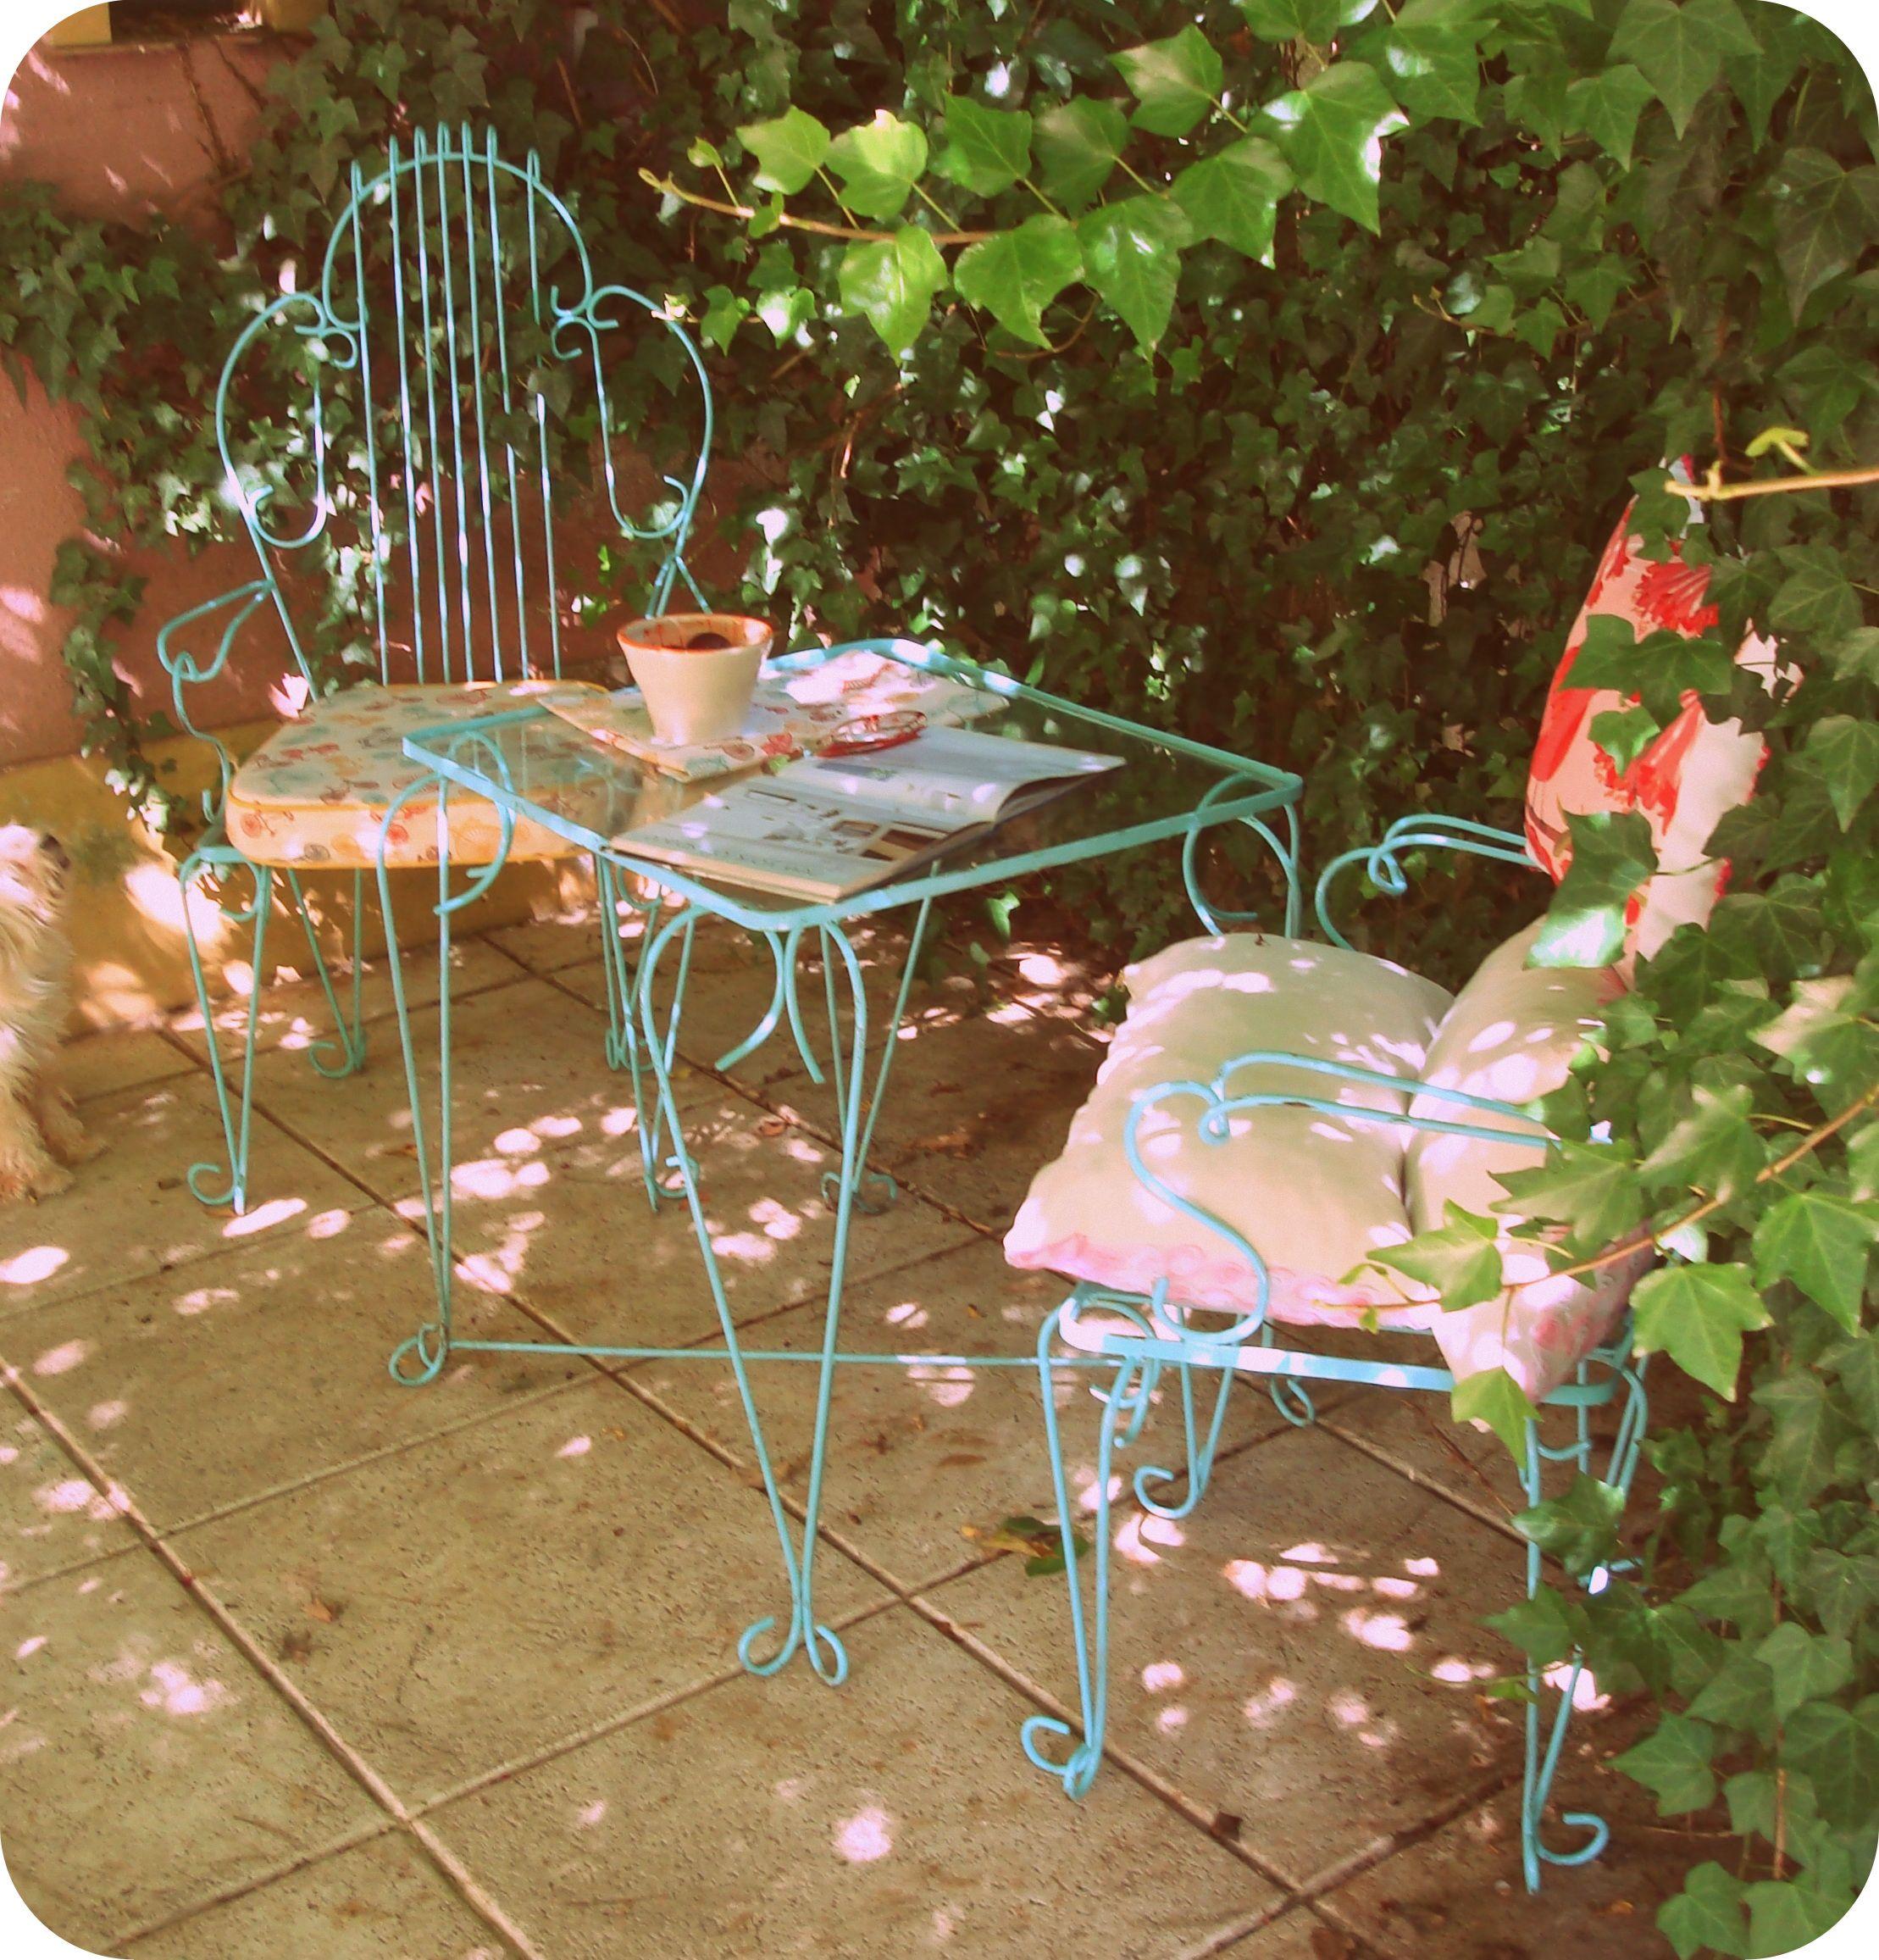 Juego de jardin en hierro jardines pinterest juegos for Juego de jardin de hierro antiguo